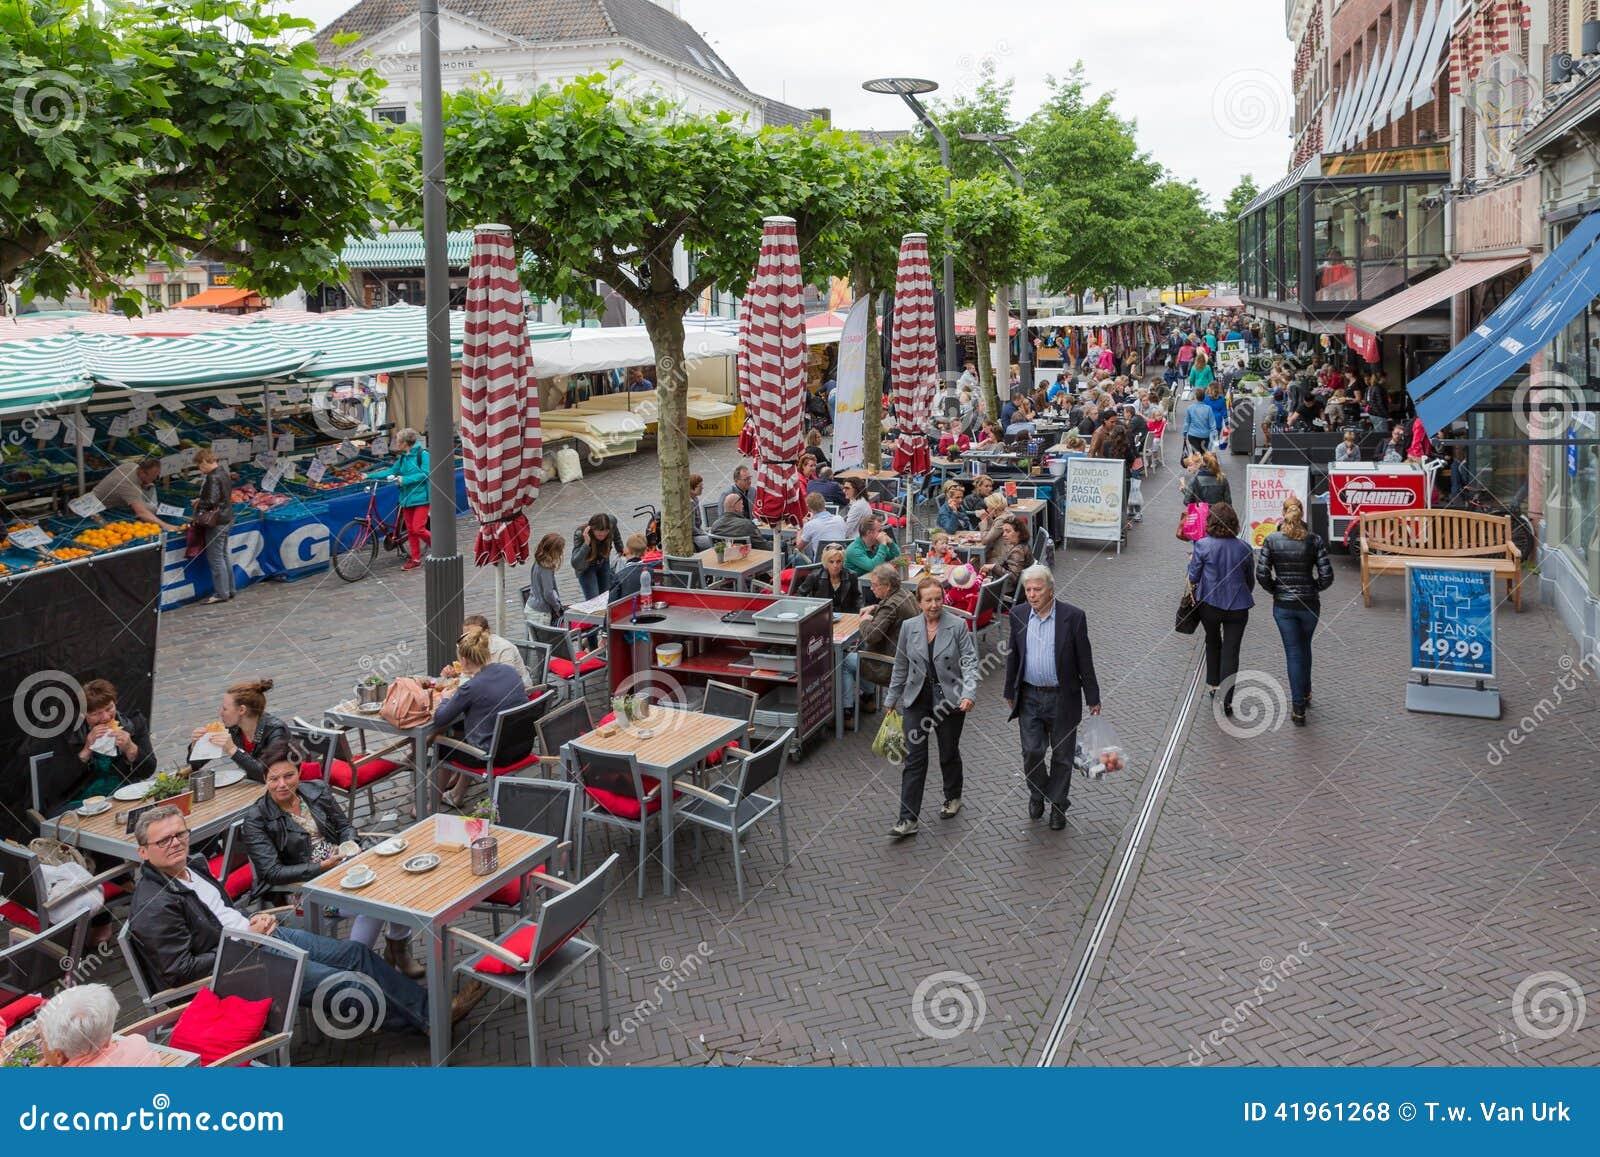 Gente que hace compras en un mercado de Zwolle en los Países Bajos